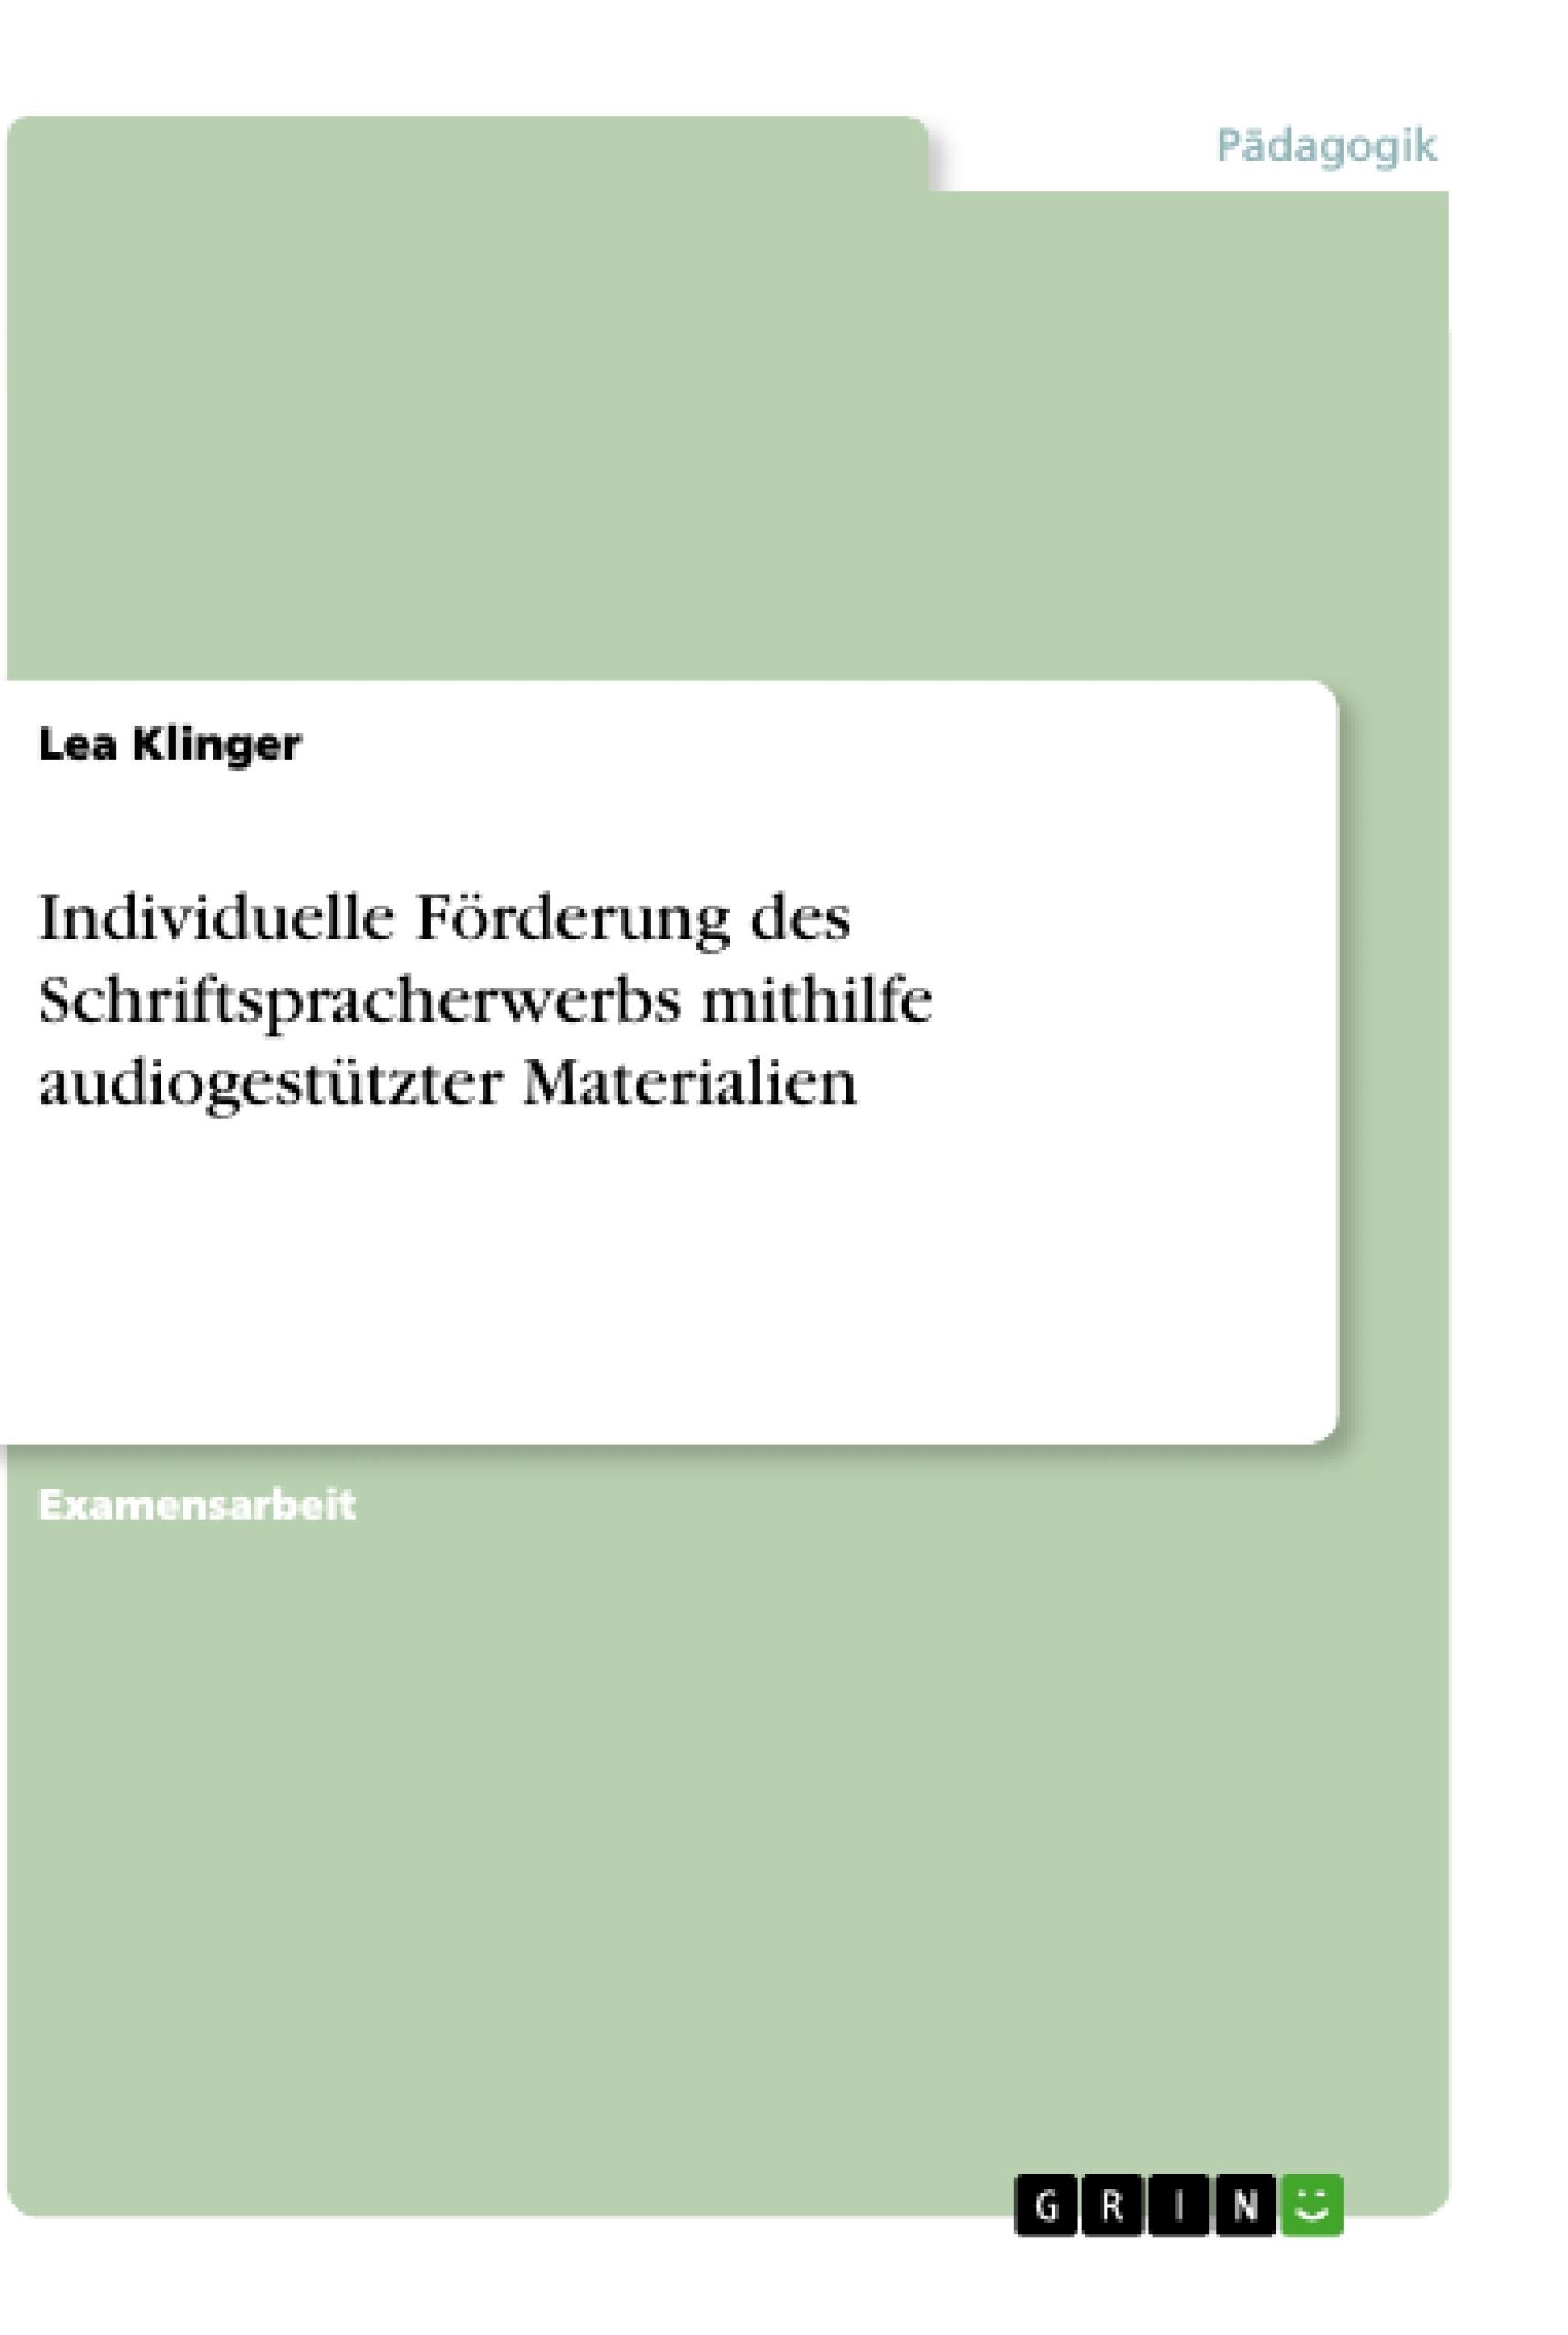 Titel: Individuelle Förderung des Schriftspracherwerbs mithilfe audiogestützter Materialien